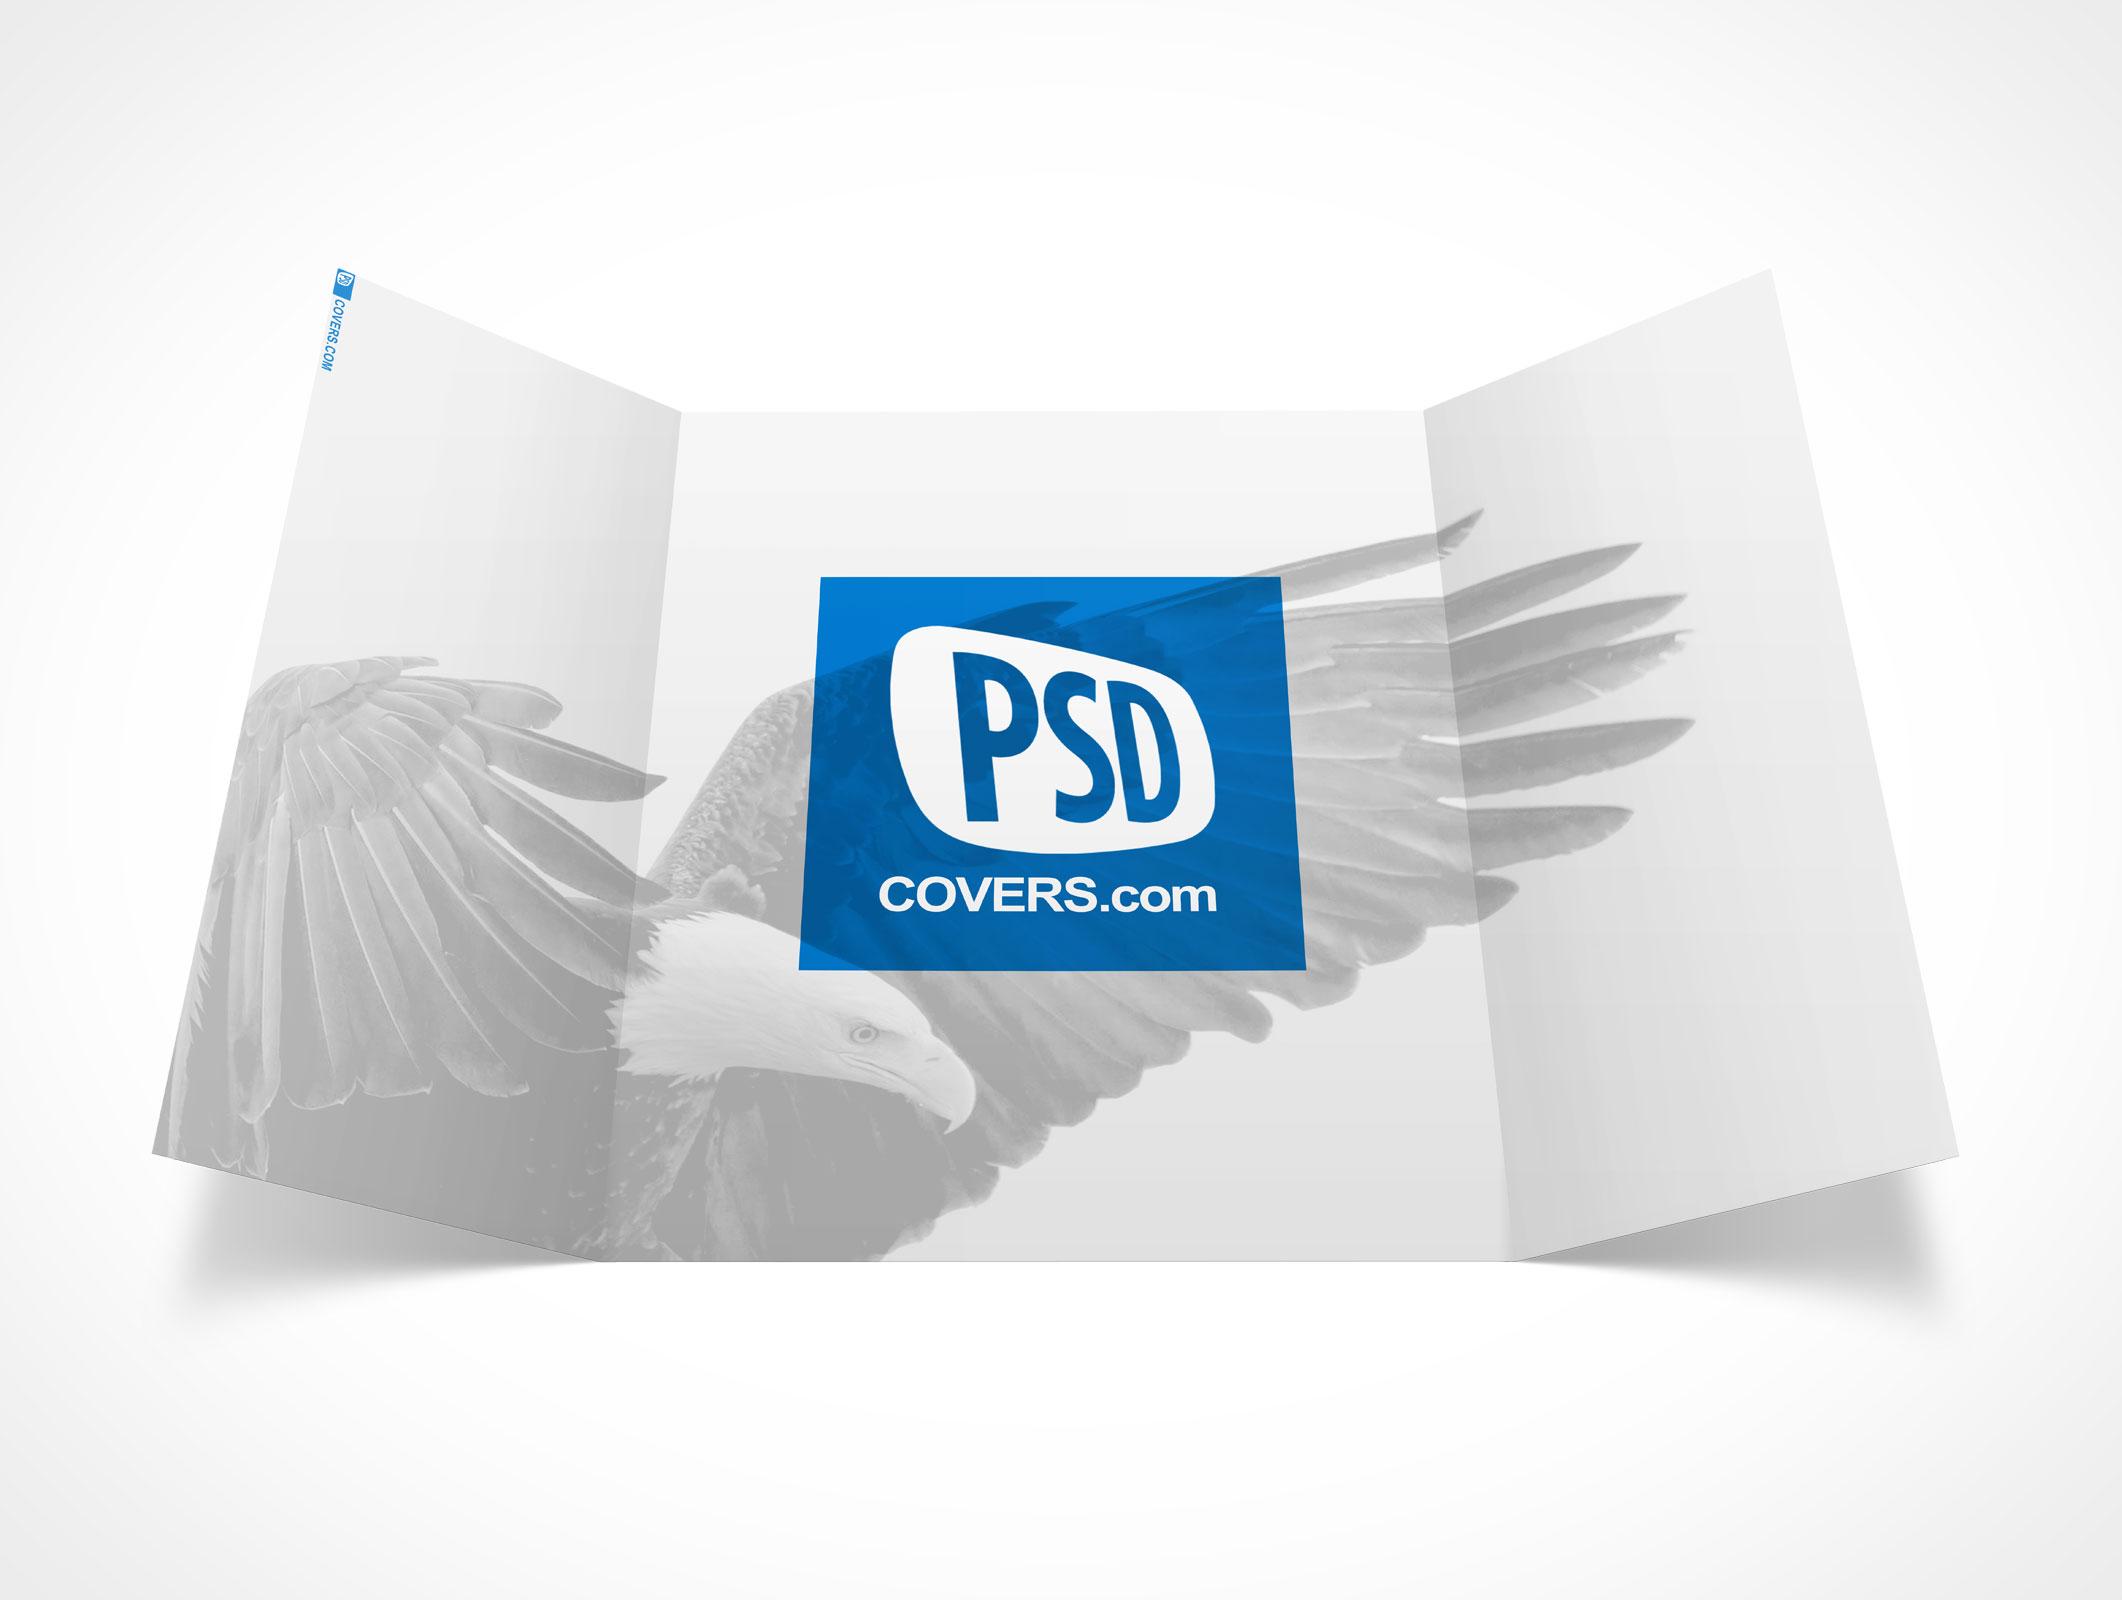 GATEFOLD001 • Market Your PSD Mockups for gatefold